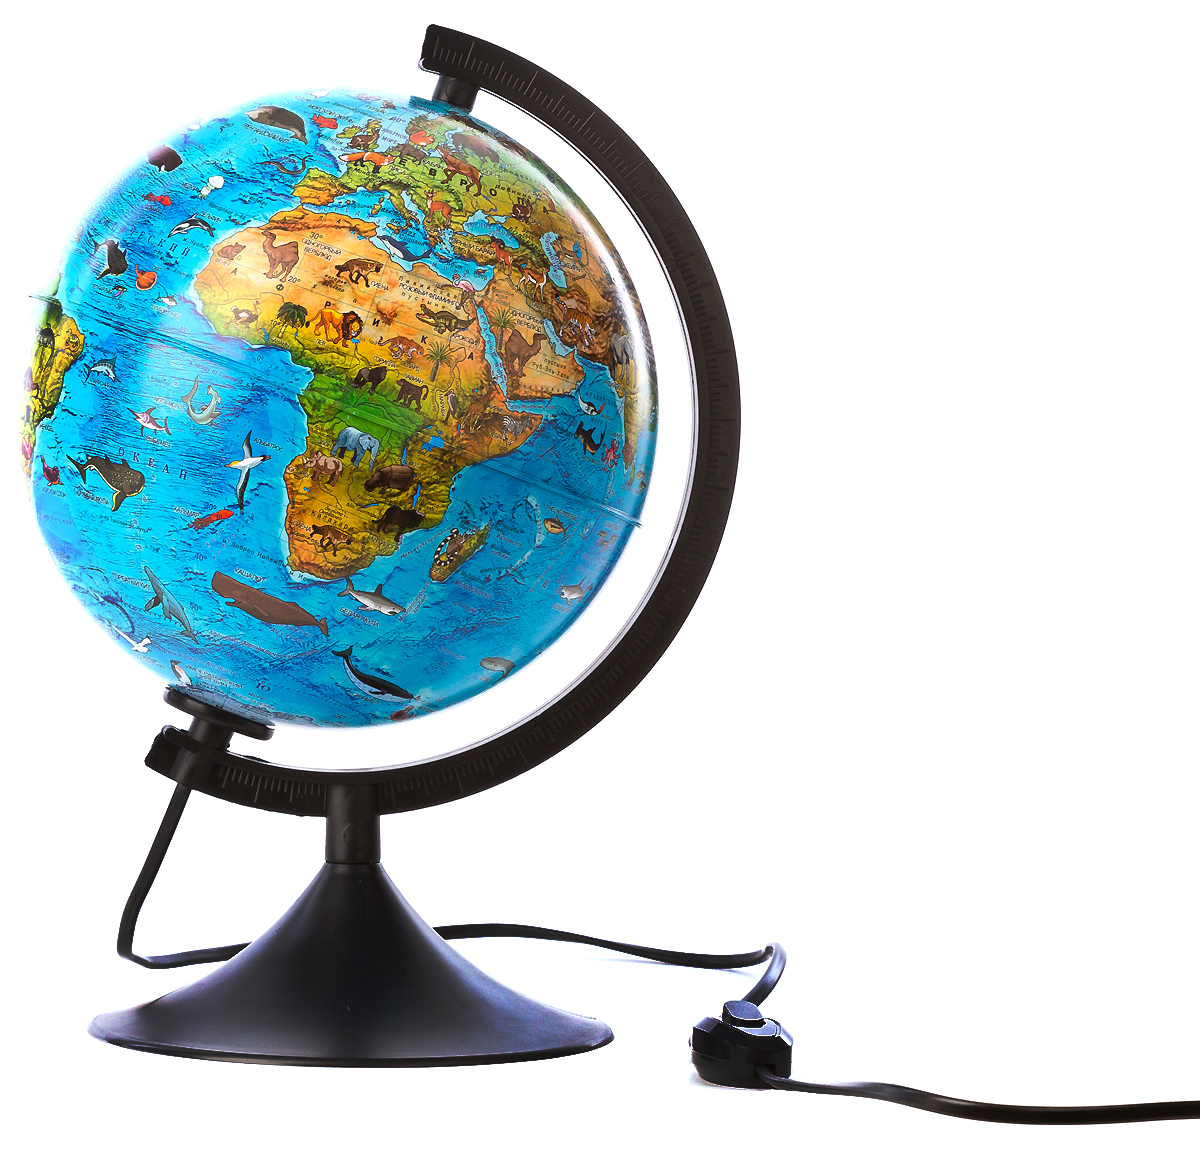 Globen Глобус Земли зоогеографический детский с подсветкой диаметр 21 см цвет подставки черныйFS-00897Зоогеографический глобус Земли Globen выполнен в высоком качестве, с четким и ярким изображением. Он дает представление о животных, обитающих в разных уголках планеты. На нем отображены названия материков, океанов и морей, крупных географических объектов, животные и некоторые виды растений, характерные для определенной местности.Глобус легко вращается вокруг своей оси, снабжен пластиковым меридианом с градусными отметками. Подставка изготовлена из пластика. Глобус имеет функцию подсветки от электрической сети. На кабеле питания имеется переключатель.Надписи на глобусе сделаны на русском языке. В комплект входит: глобус, подставка.